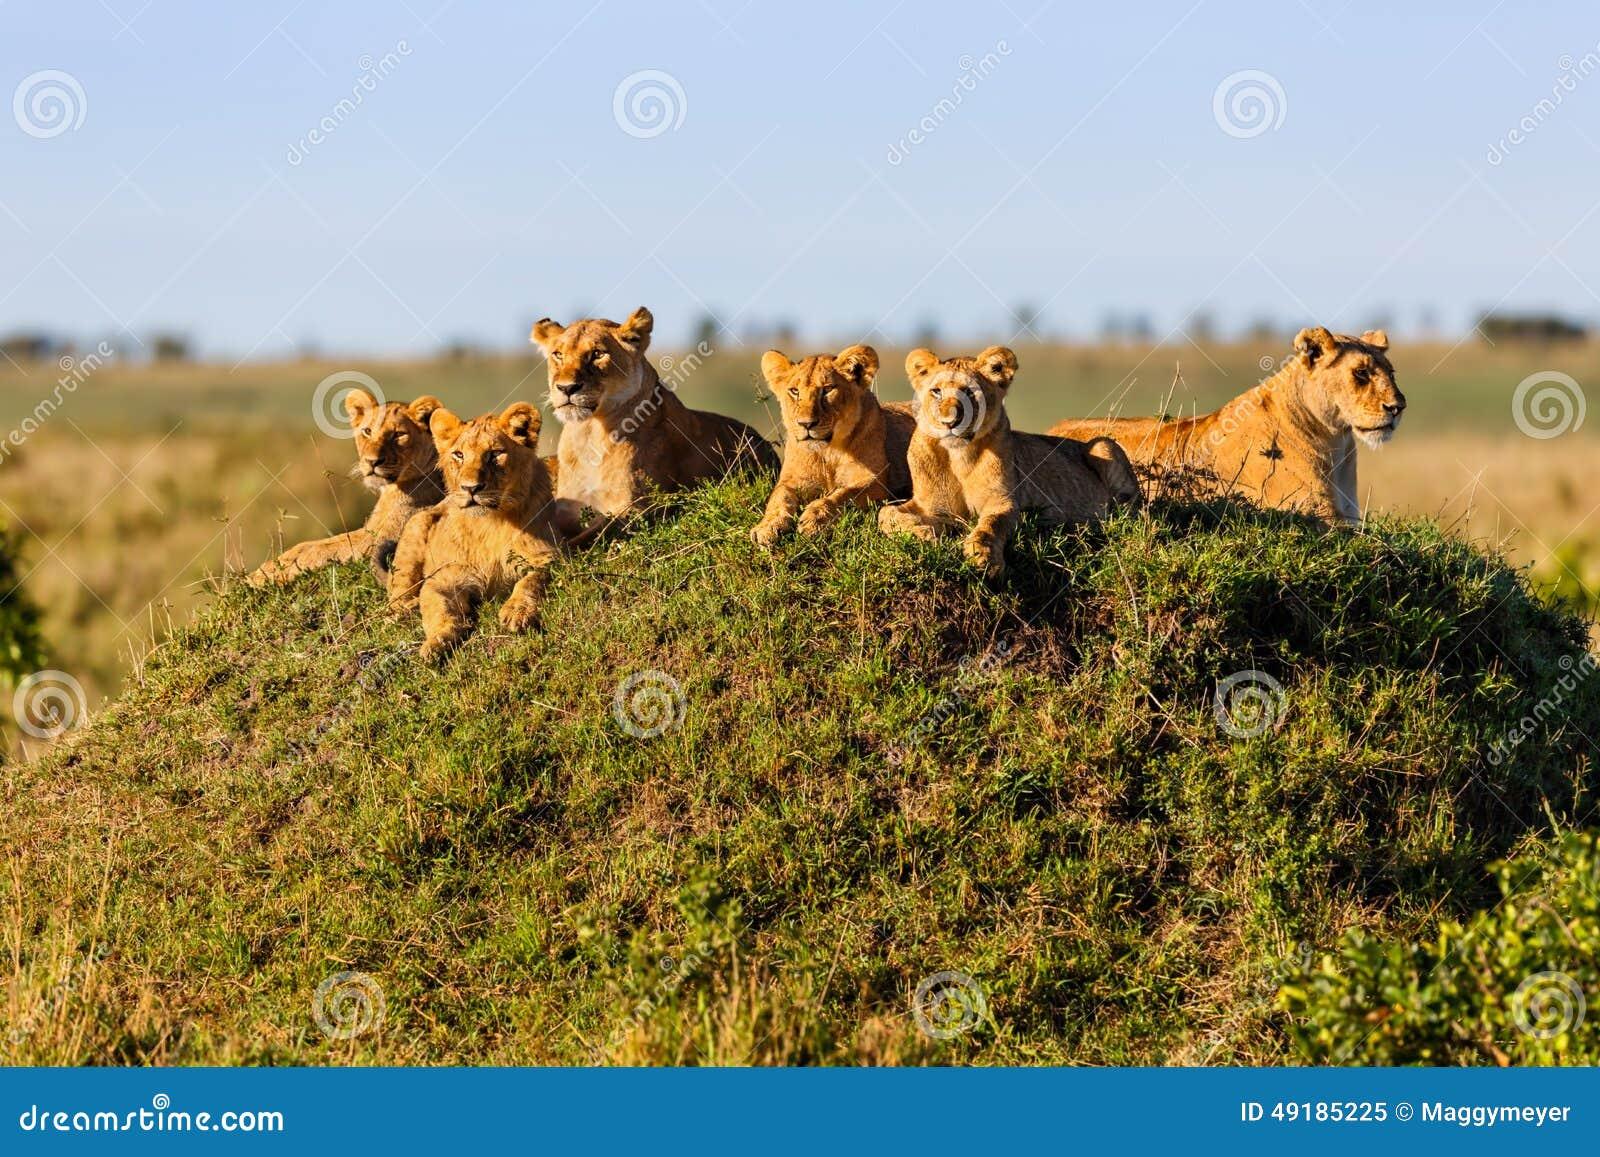 Rekero在马塞语玛拉的狮子自豪感